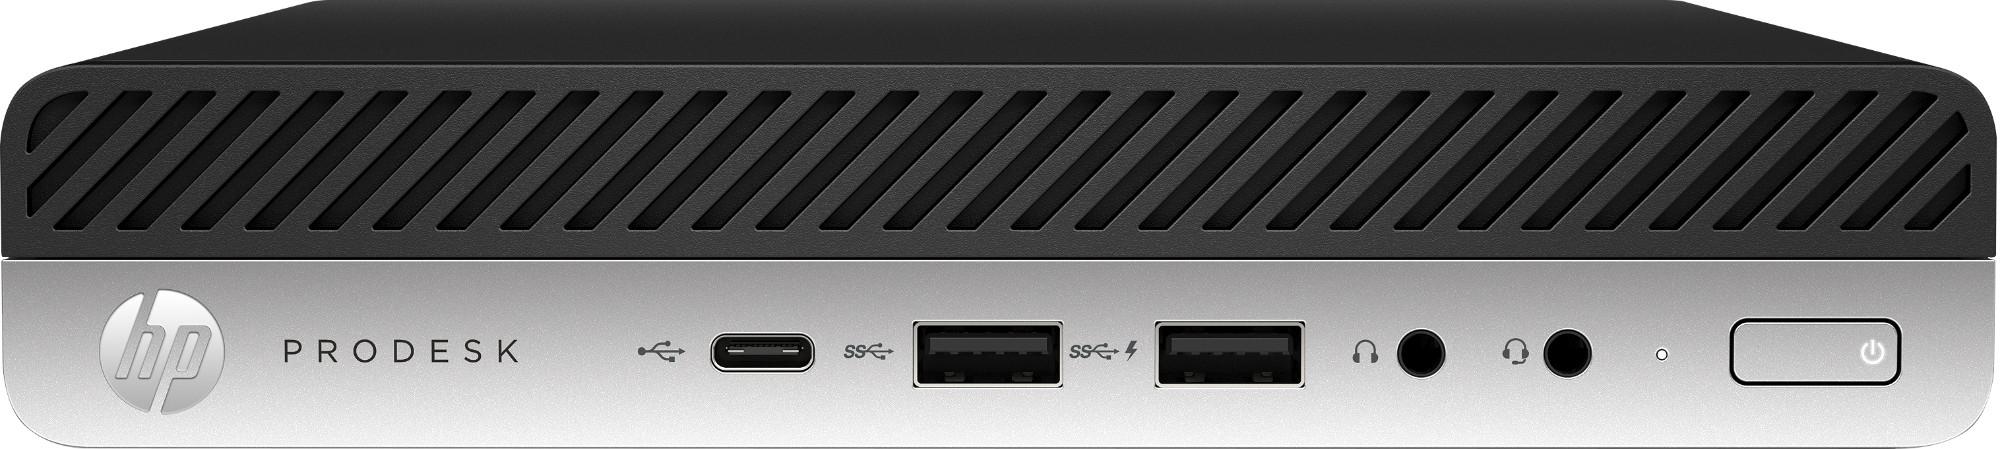 HP ProDesk 600 G5 9th gen Intel® Core™ i5 i5-9500T 8 GB DDR4-SDRAM 256 GB SSD mini PC Black Windows 10 Pro